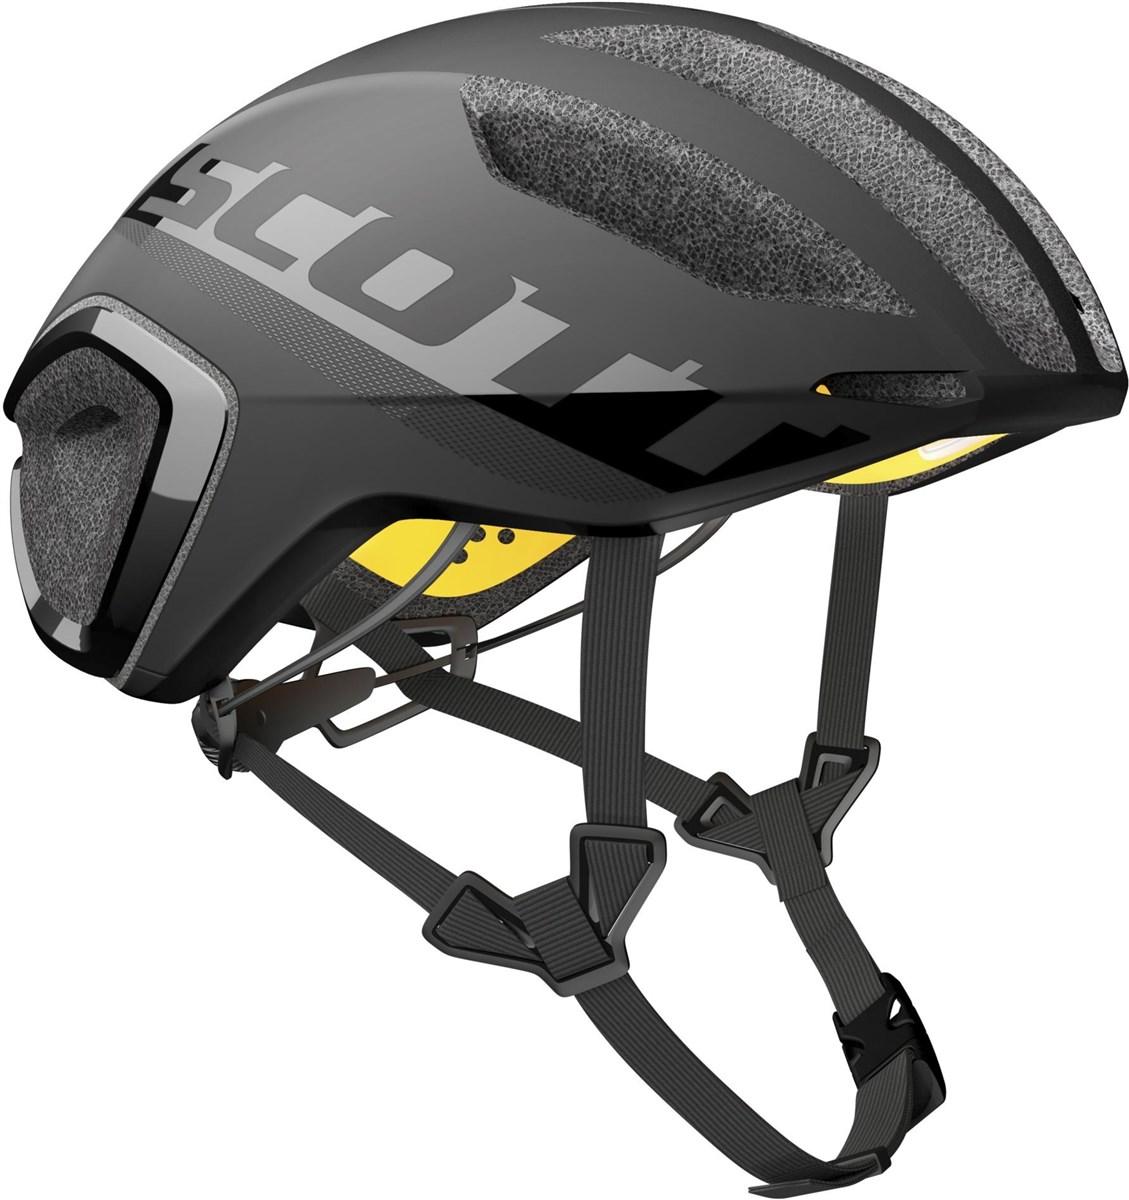 Scott Helmet Cadence PLUS (MIPS), Hvid - Cykelexperten.dk | Helmets